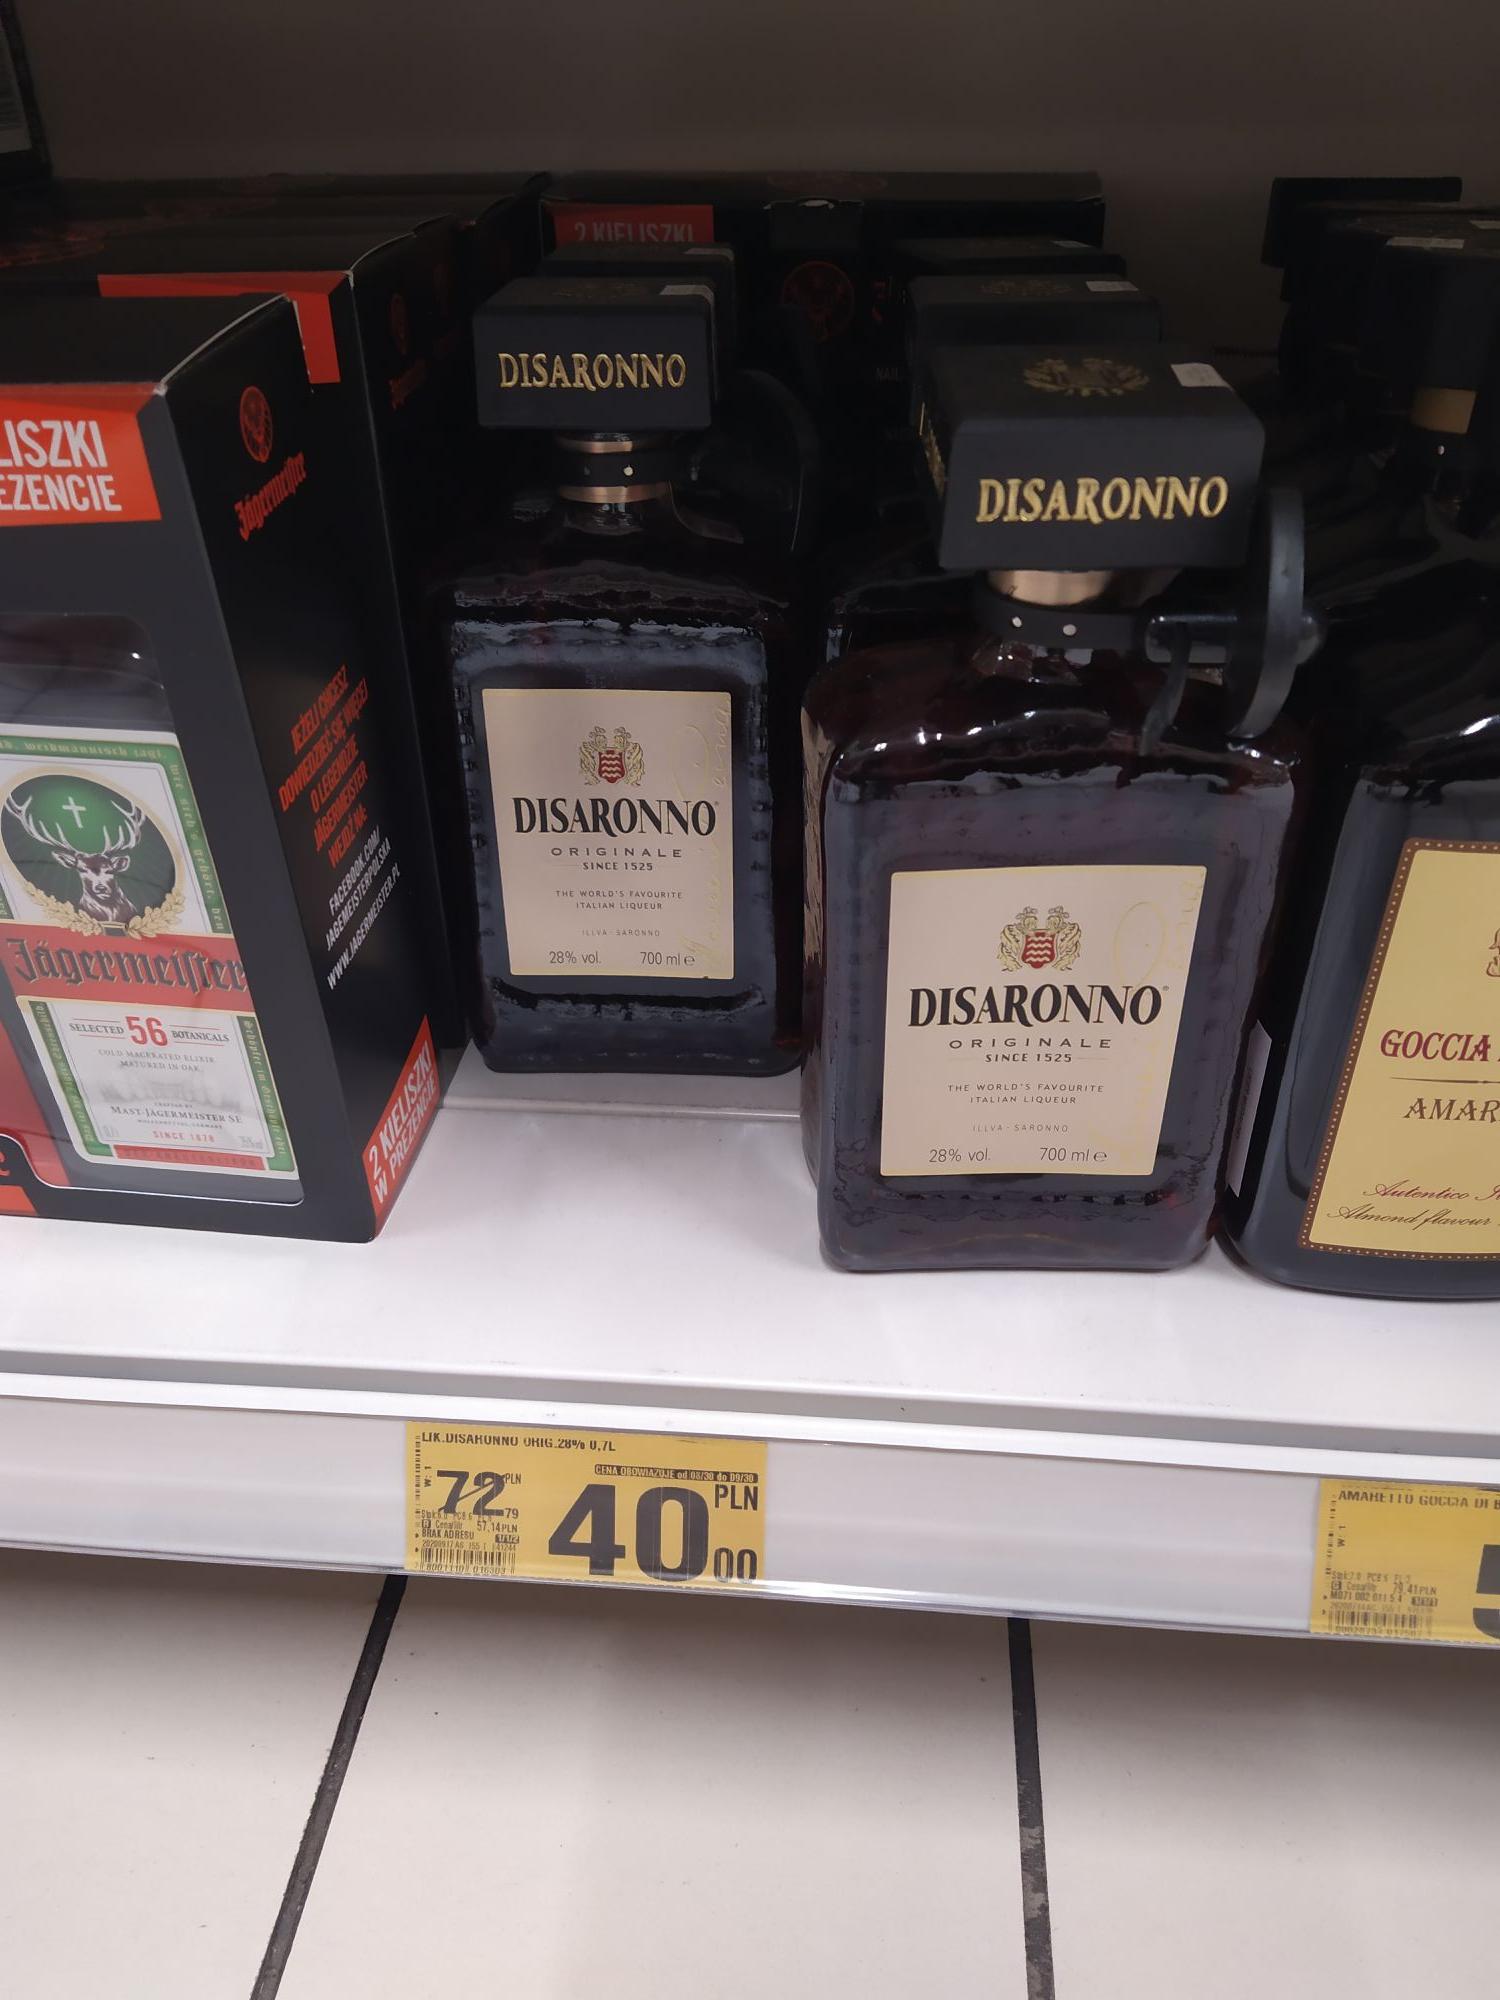 Disaronno likier oraz inne alko Auchan Sosnowiec